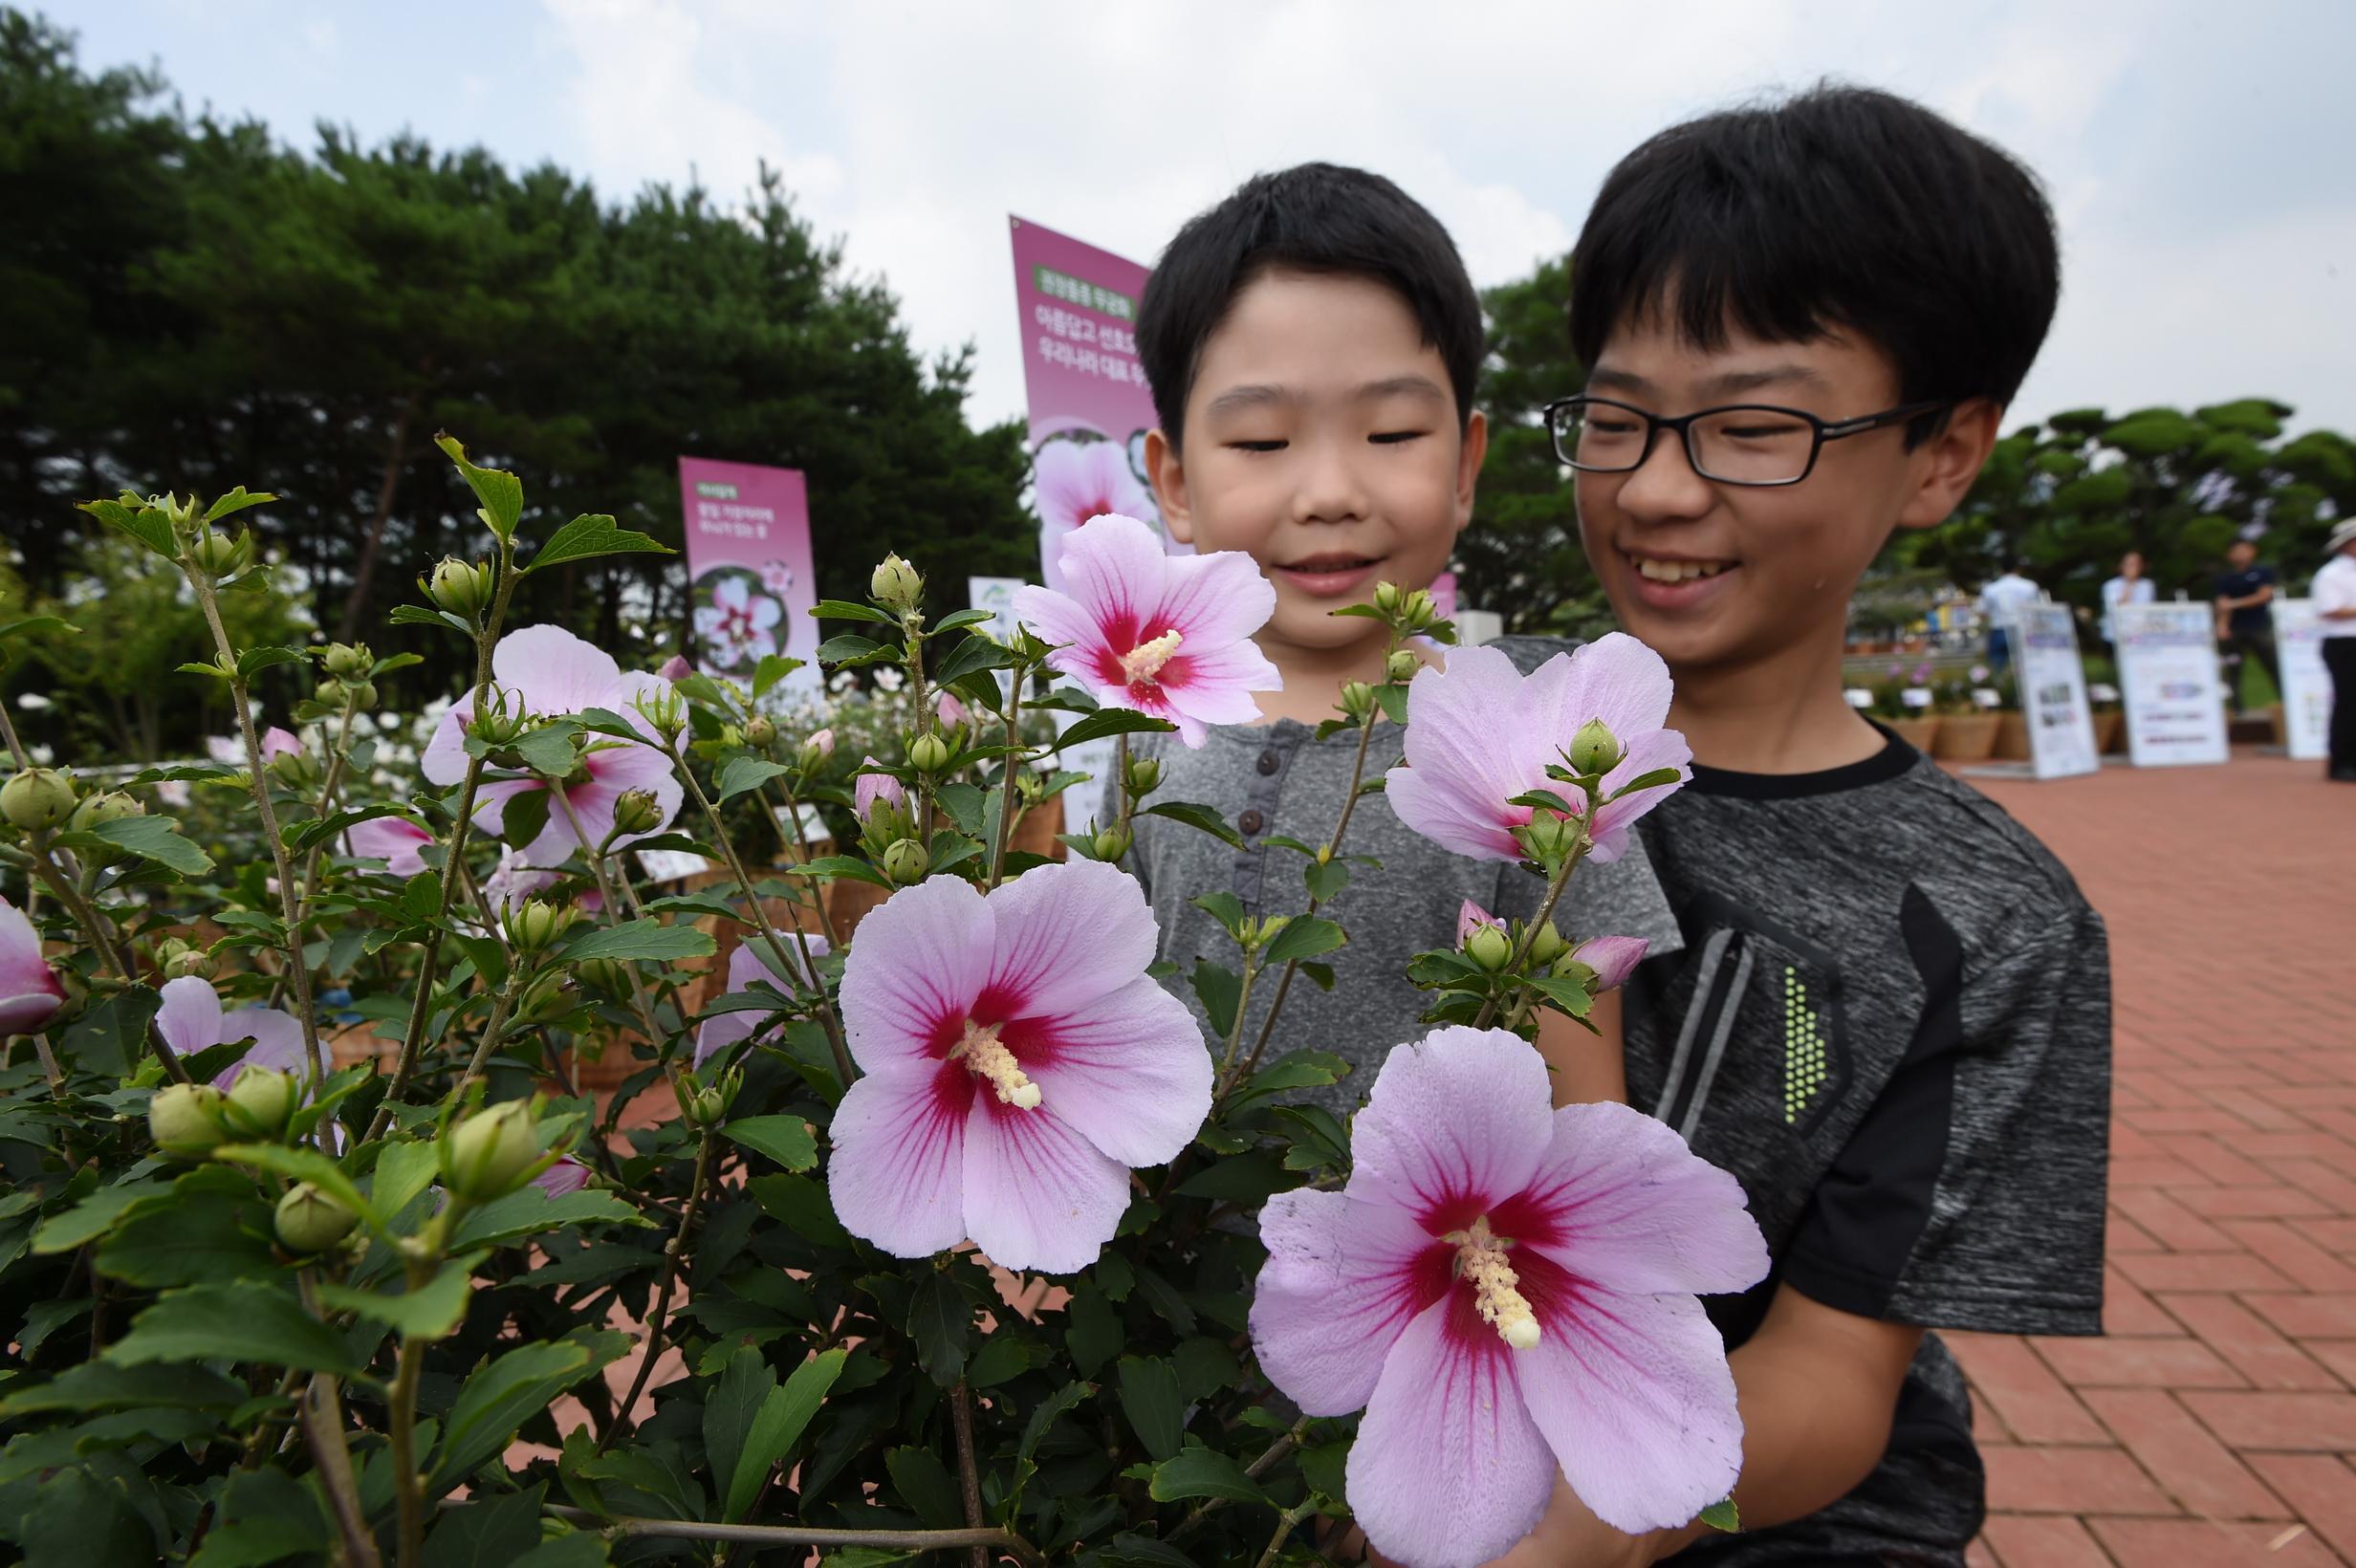 나라꽃 무궁화 전국축제, 세종·수원서 열린다 이미지1